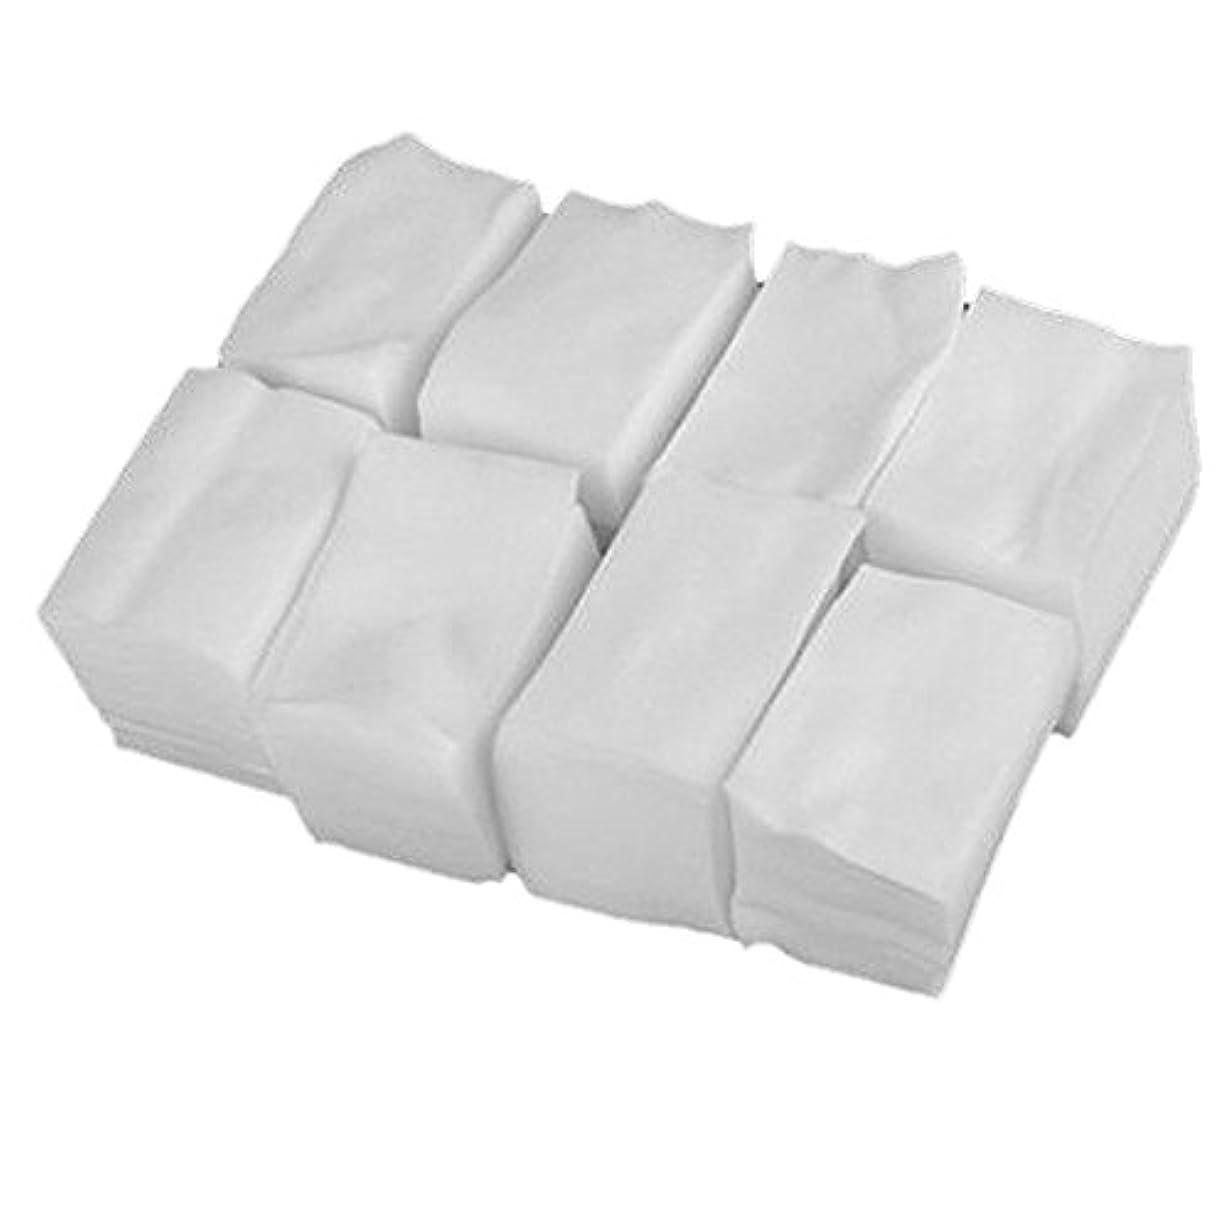 マイコン謎歯科のVi.yo ネイル ジェル ワイプ 天然素材 不織布 コットン ジェルの拭き取り 油分除去 クリーニング 900枚以上